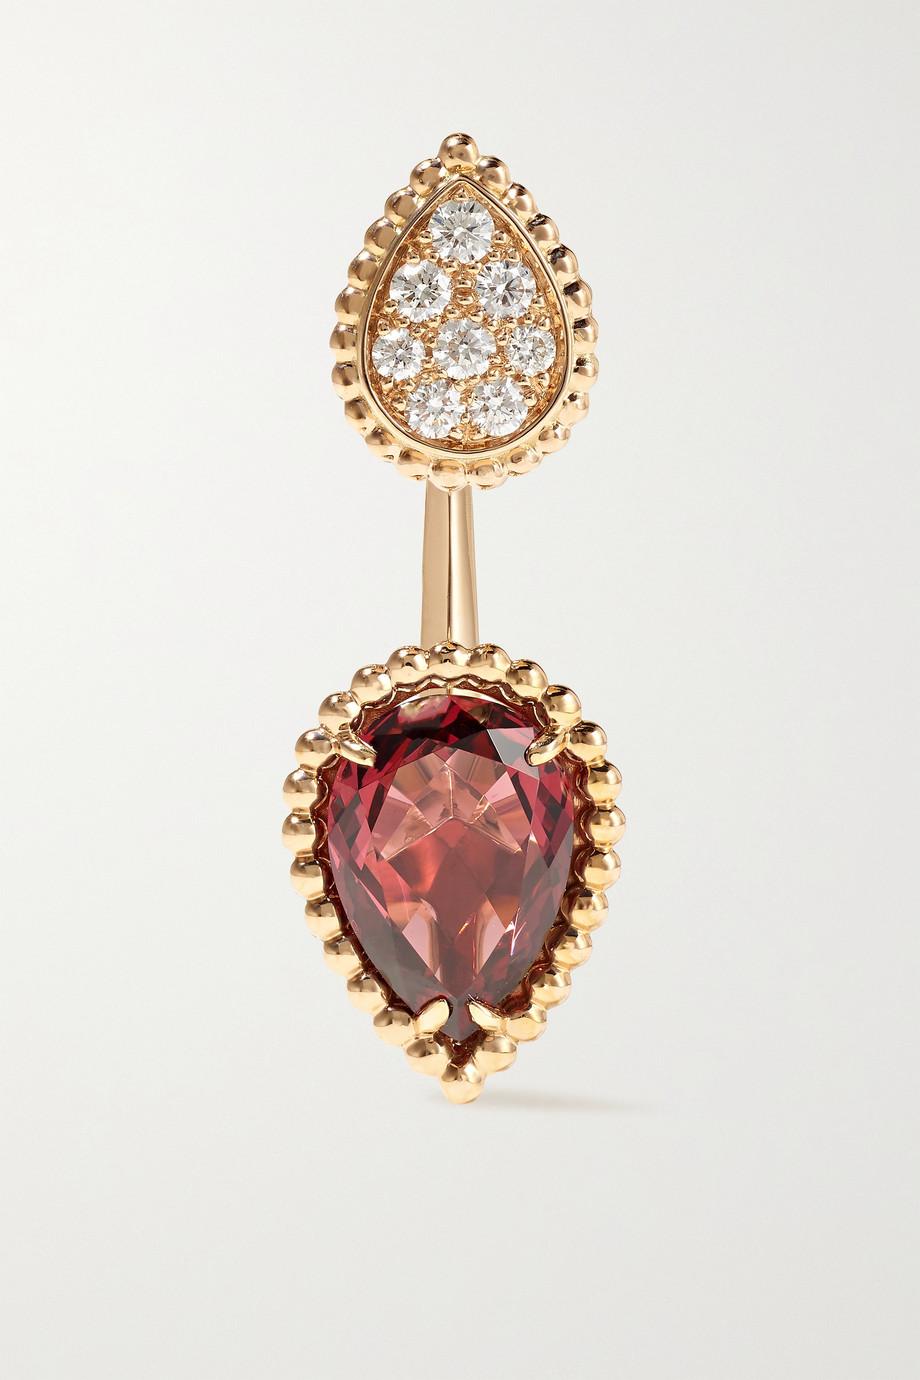 Boucheron Boucle d'oreille unique en or rose 18 carats, rhodolite et diamants Serpent Bohème